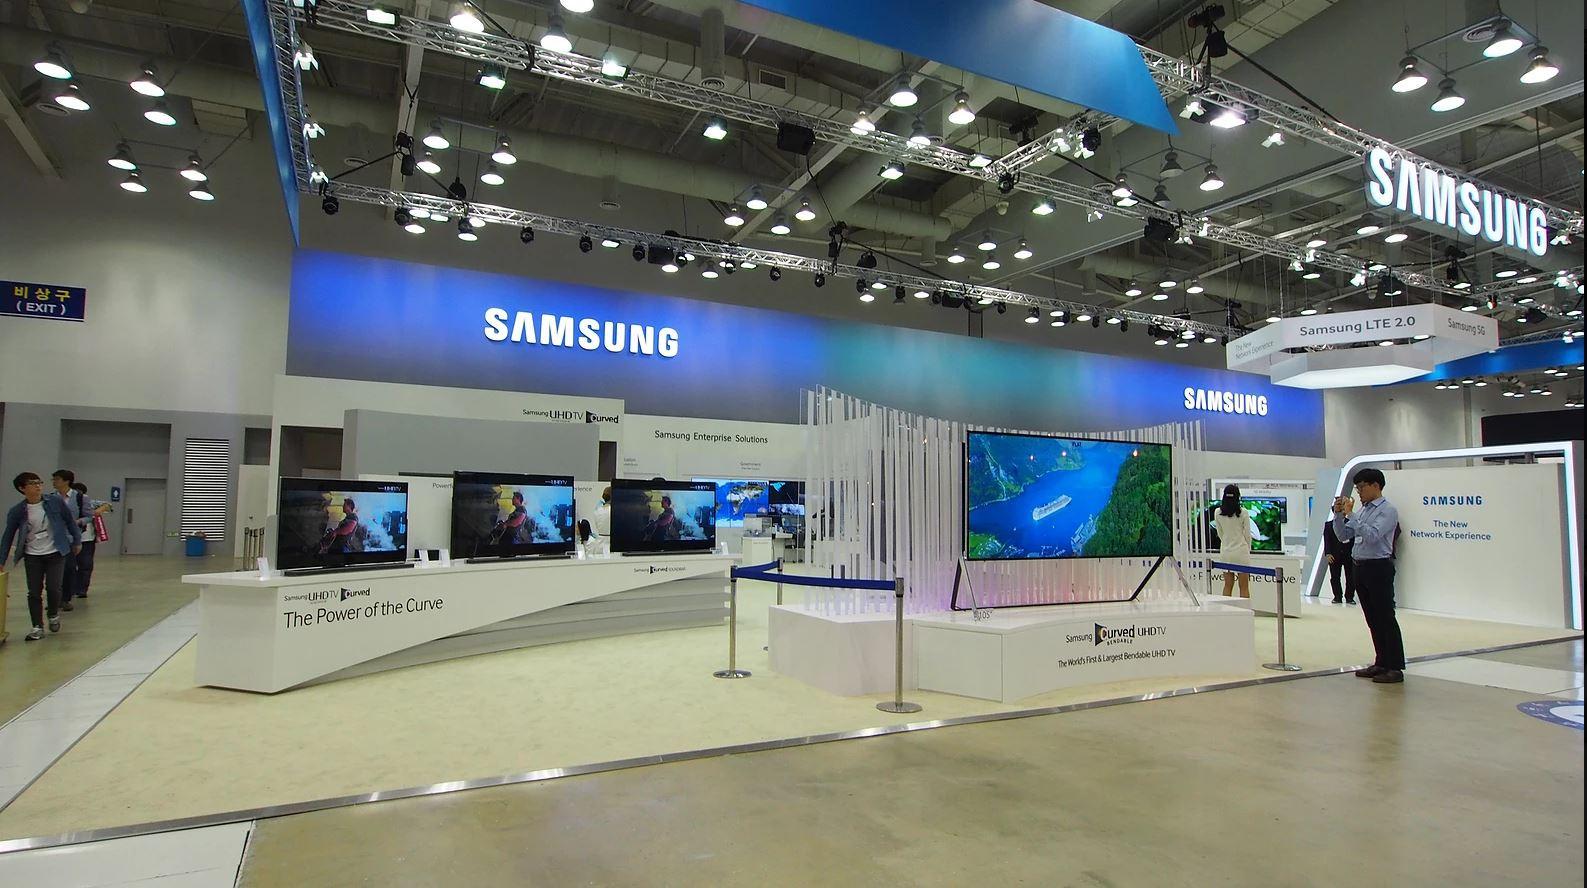 2014 World IT Show SAMSUNG